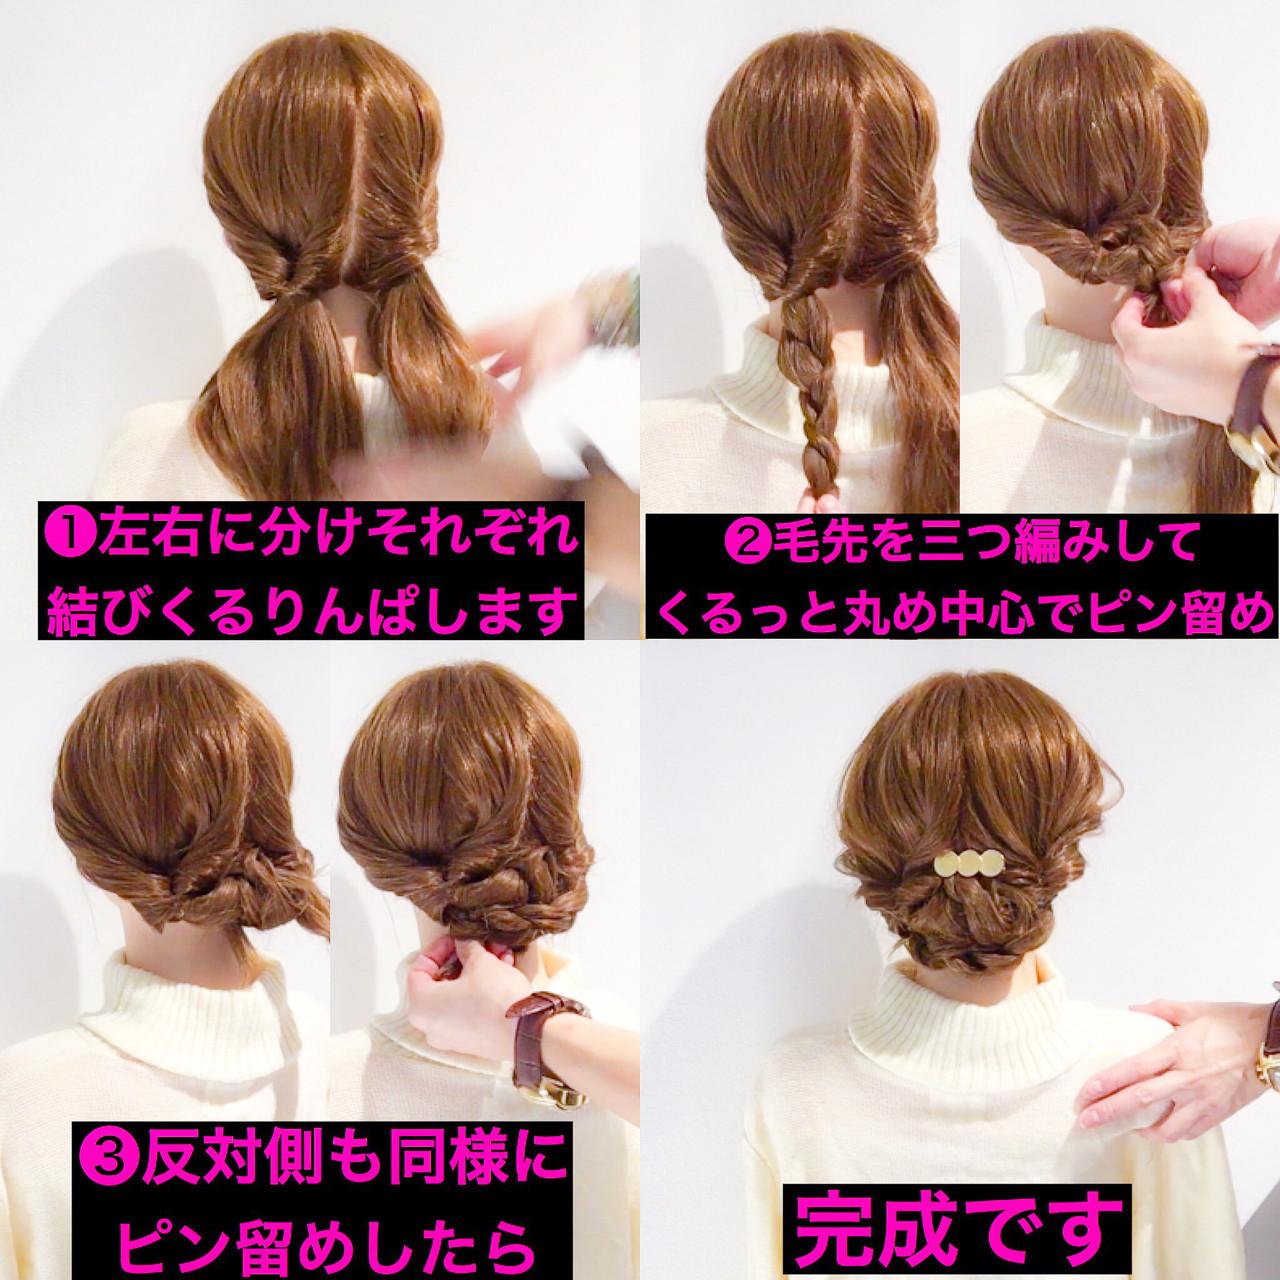 ツインテールベースでつくる、ヘアアレンジ 美容師 HIRO